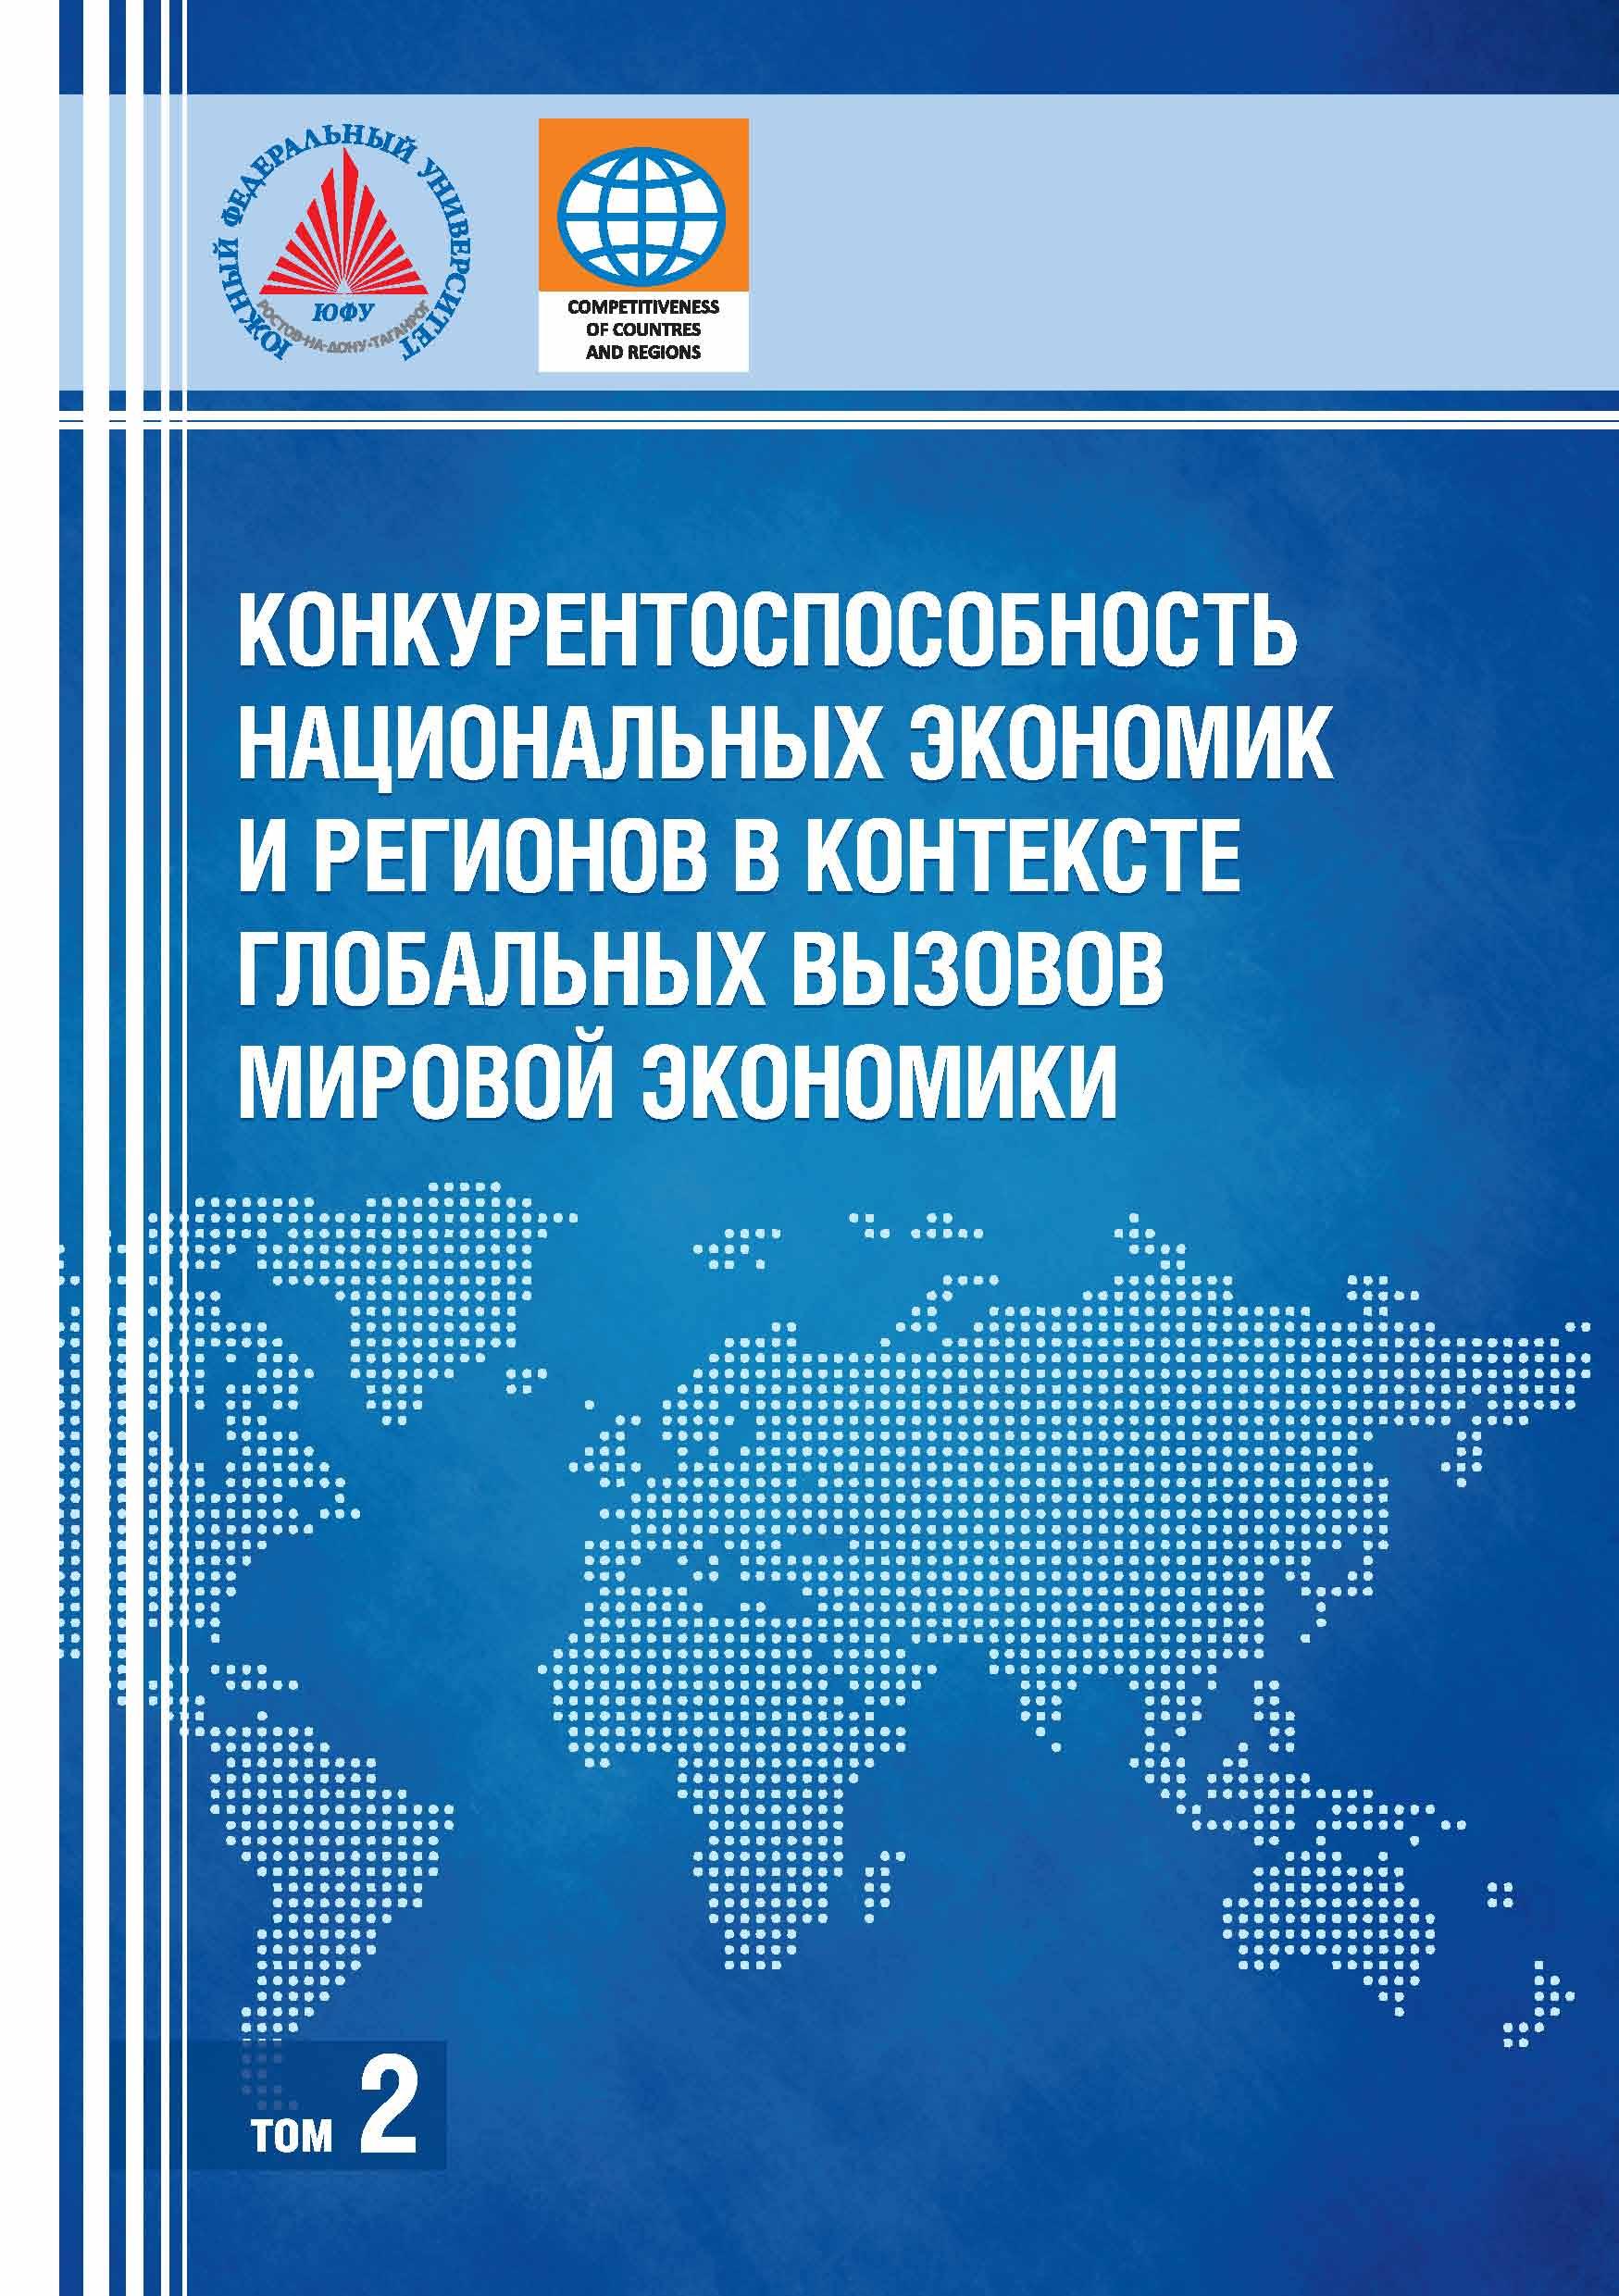 Коллектив авторов Конкурентоспособность национальных экономик и регионов в контексте глобальных вызовов мировой экономики. Том 2 коллектив авторов экологические проблемы горнопромышленных регионов